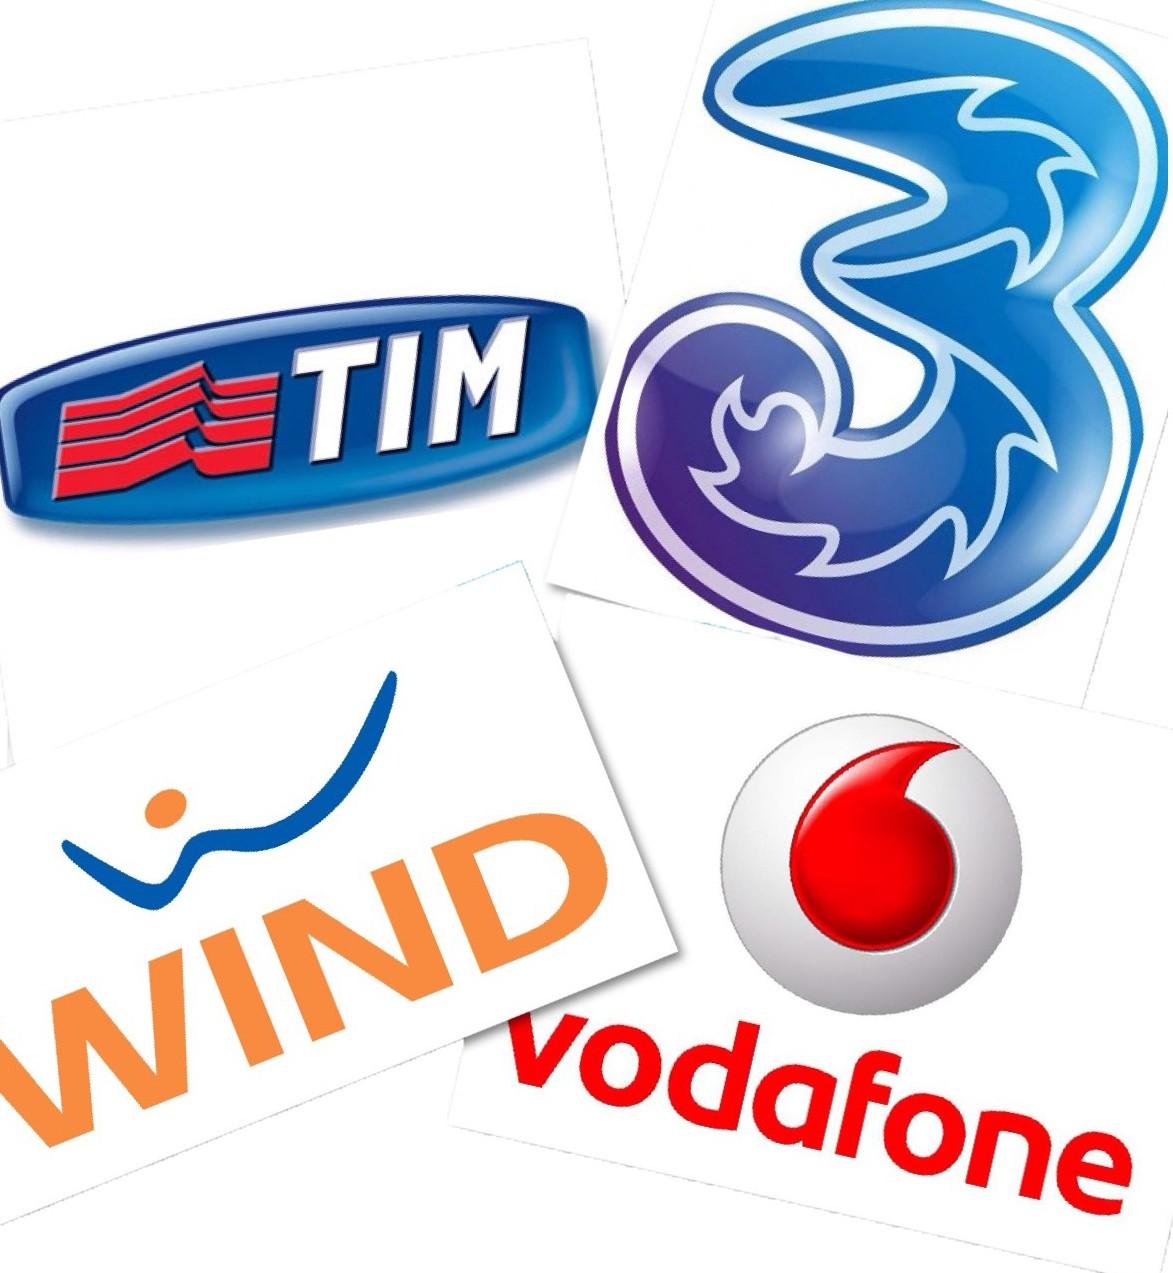 Vodafone Happy, meno punti per premi. E